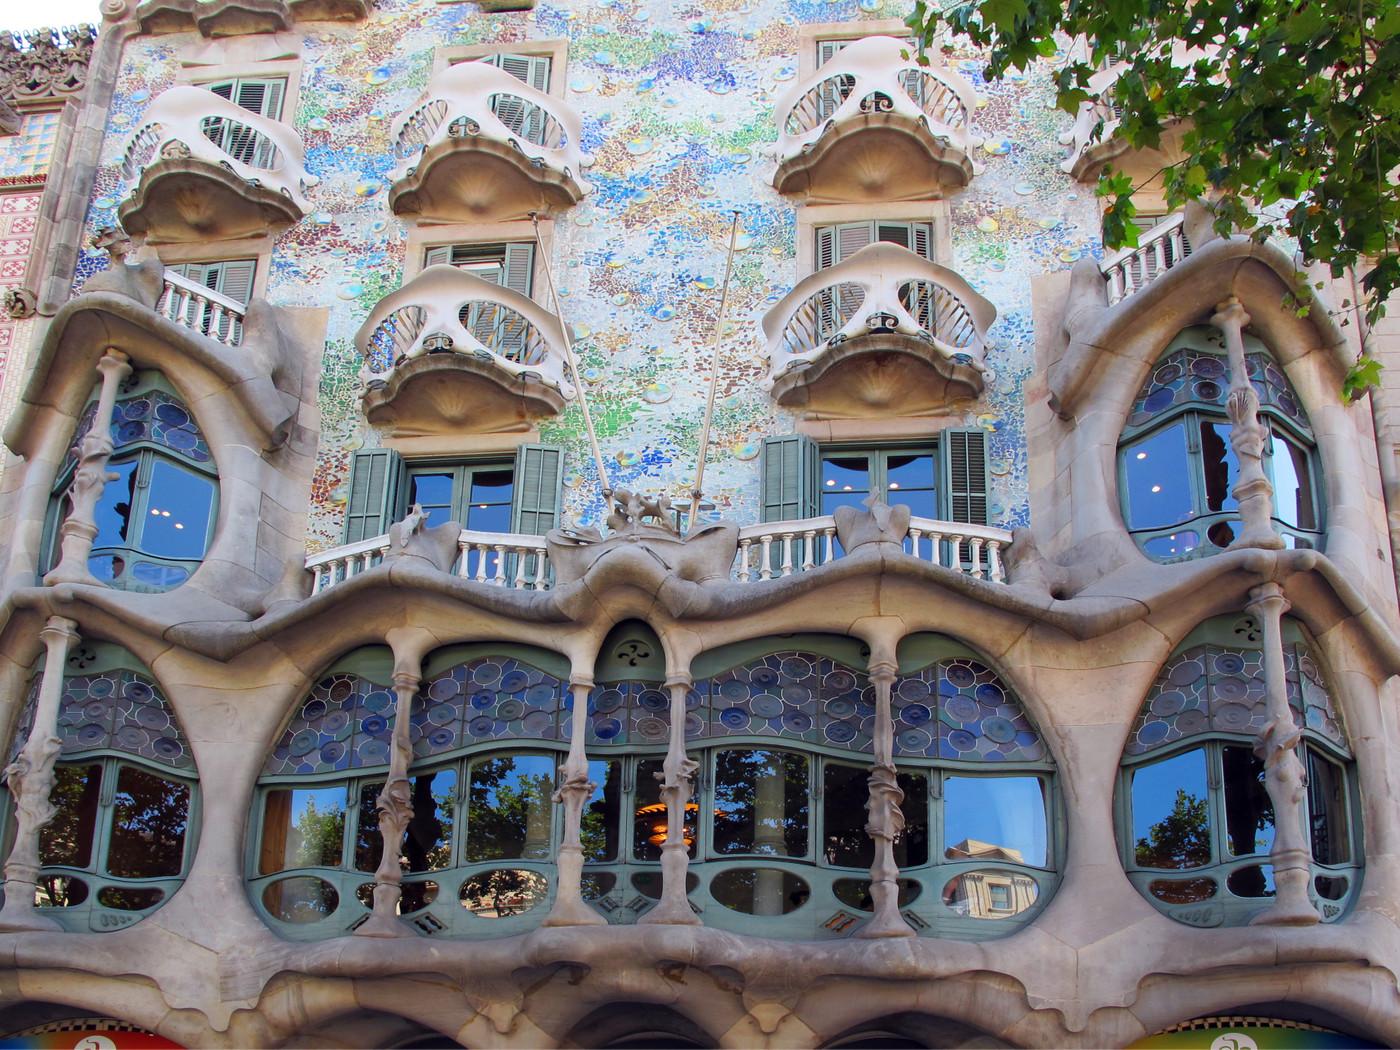 Casa Batlló, Batlló